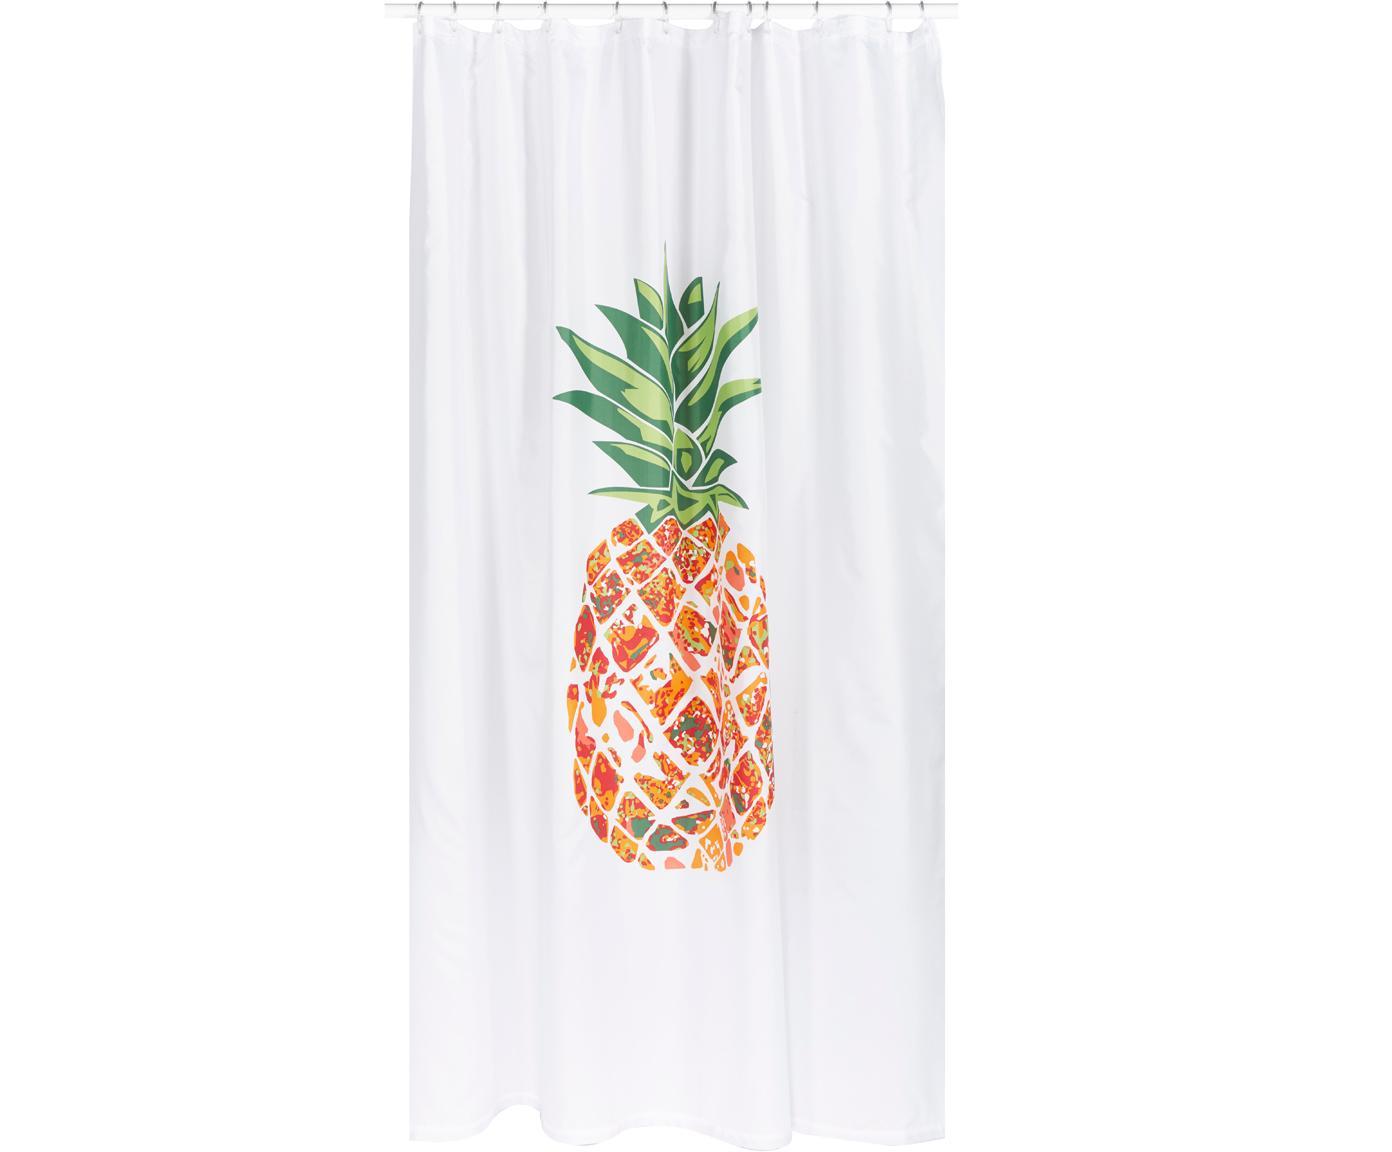 Tenda da doccia con motivo ananas Pineapple, Poliestere, Multicolore, Larg. 180 x Lung. 200 cm